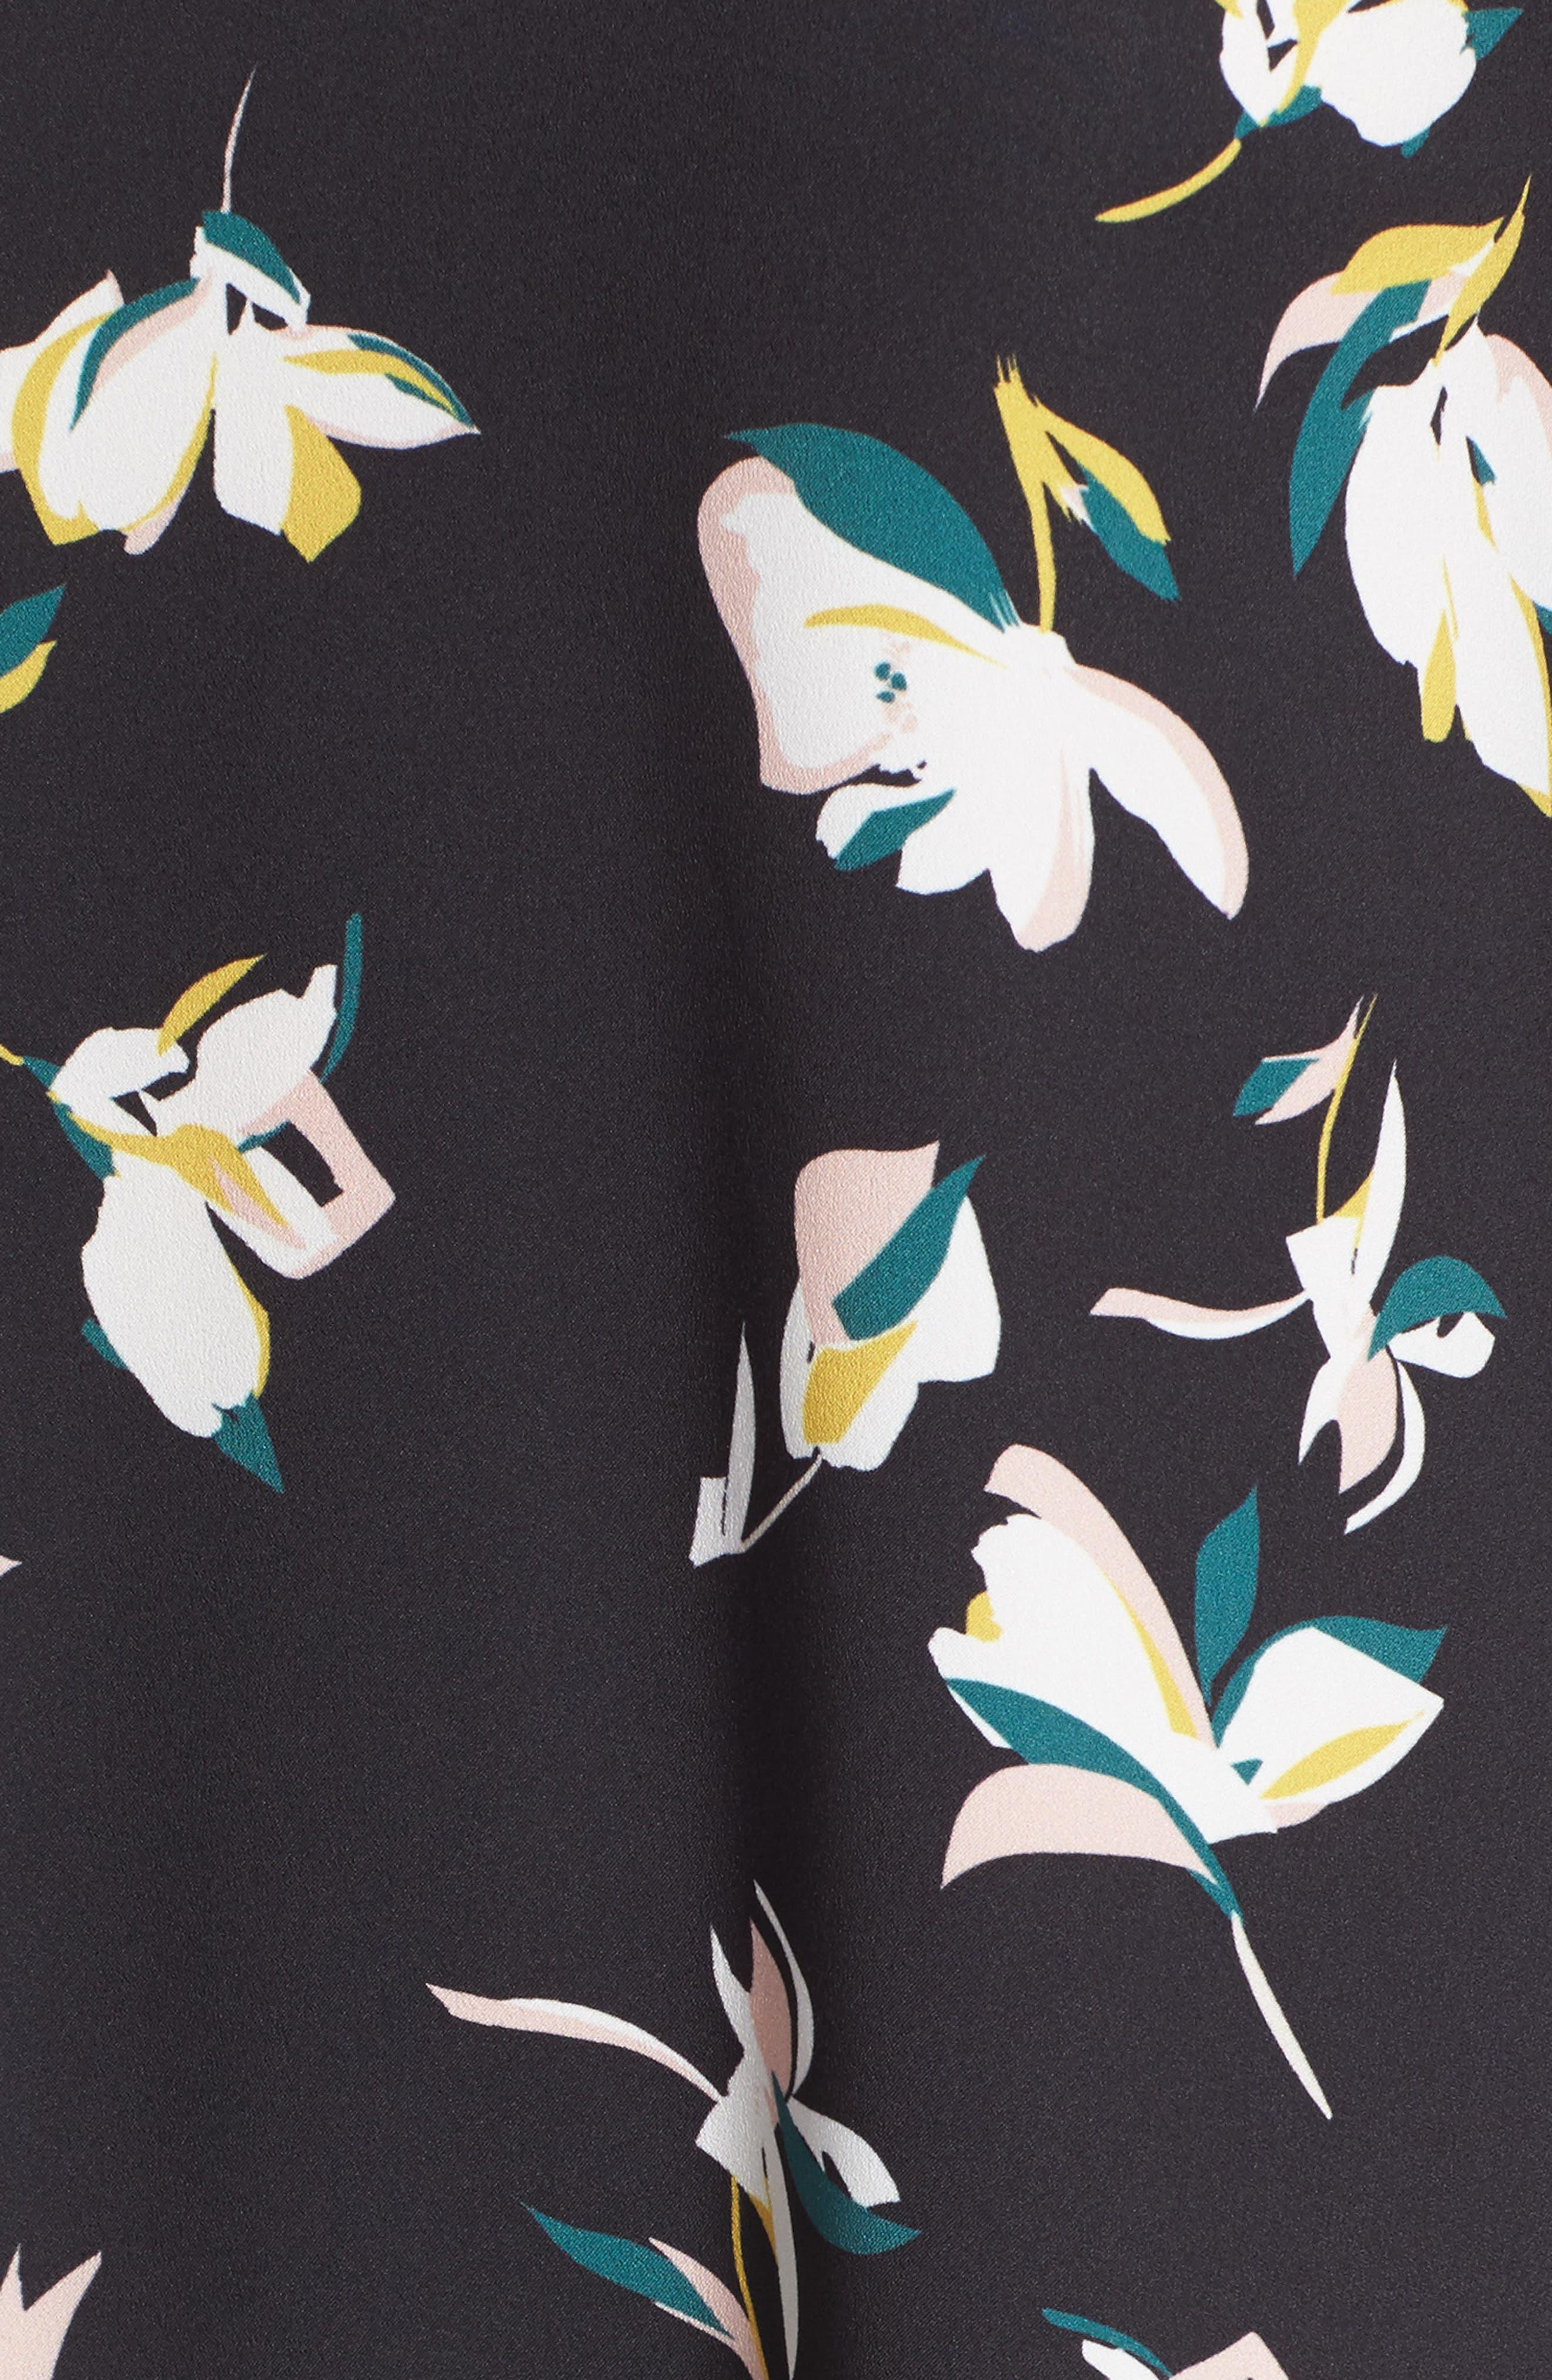 Button Back Ruffle Hem Dress,                             Alternate thumbnail 50, color,